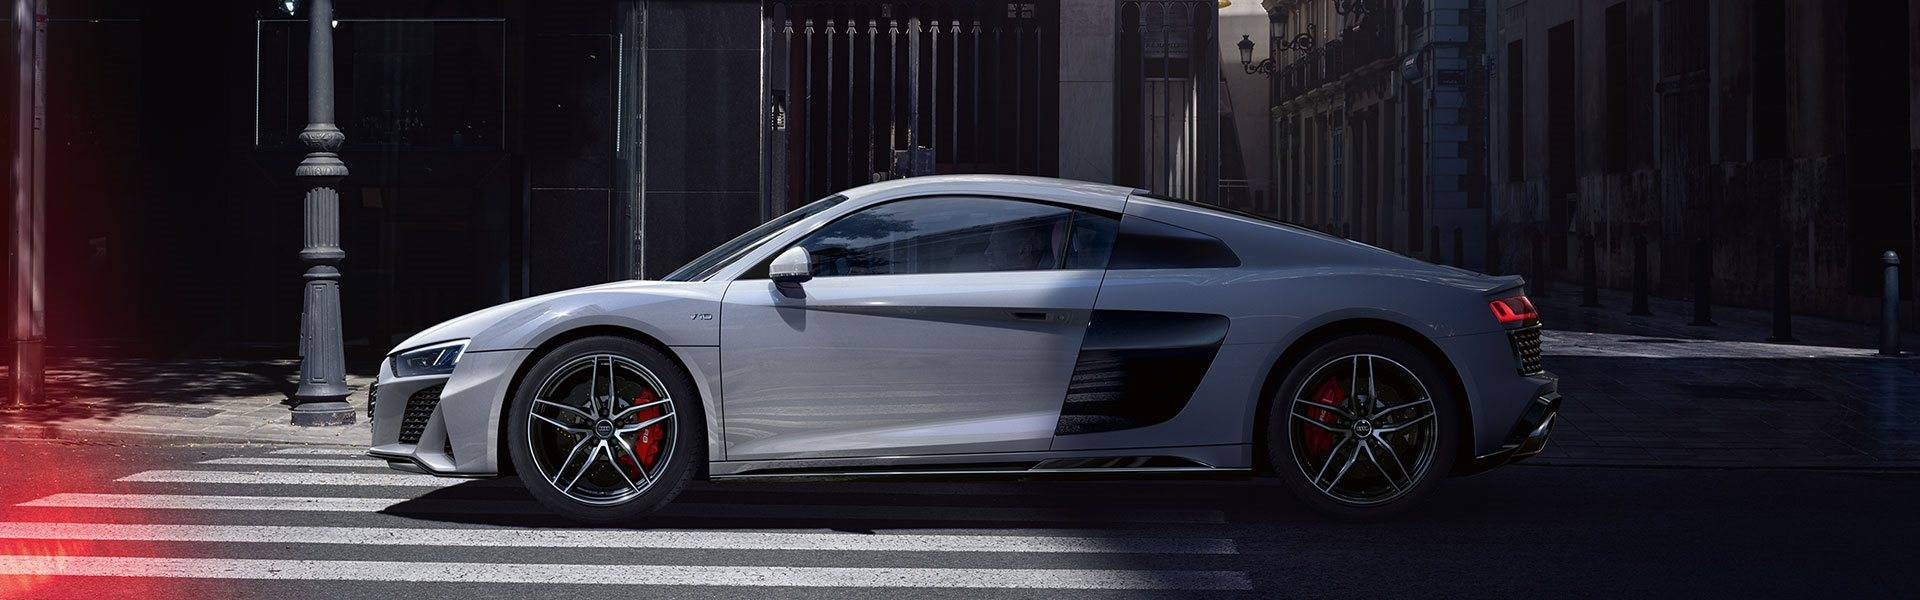 Nouvelle Audi R8 coupé V10 image photo profil